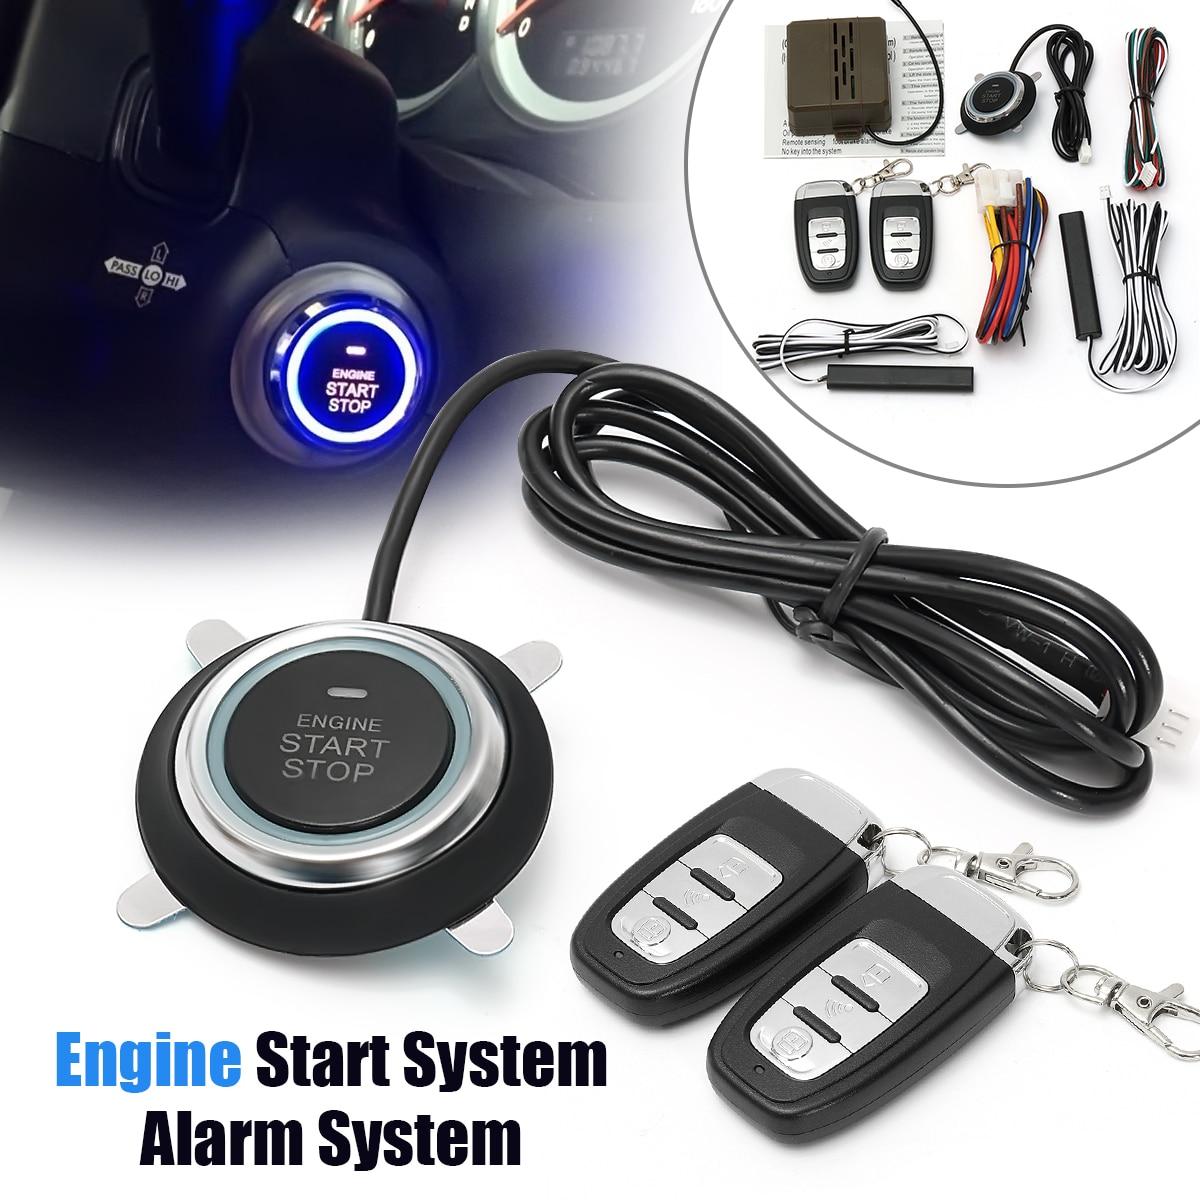 Voiture Push Bouton Start Stop Système Mulitifuntion Smart E Modèles Télécommande Alarme De Voiture Système de Démarrage Sans Clé Entree Accessoires